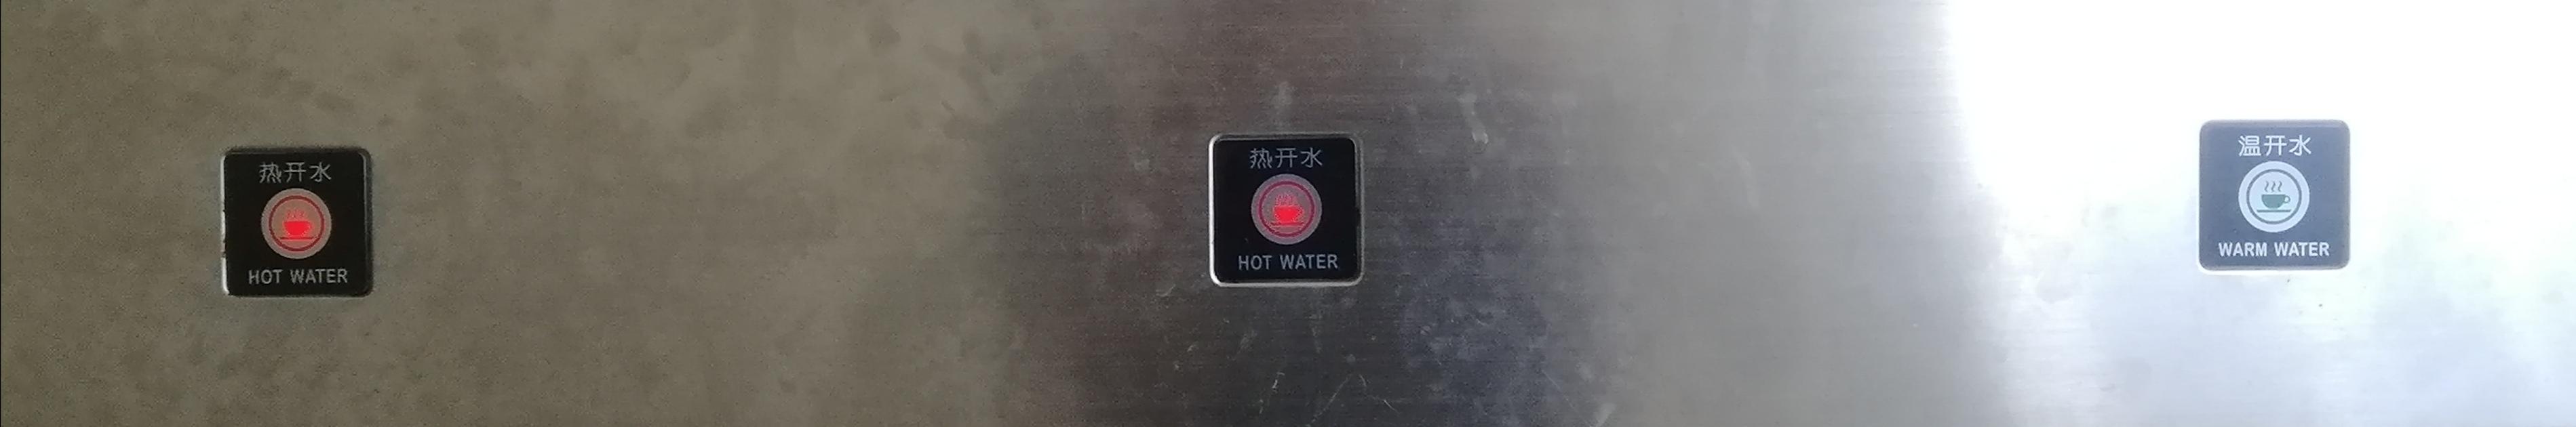 饮水机.jpg